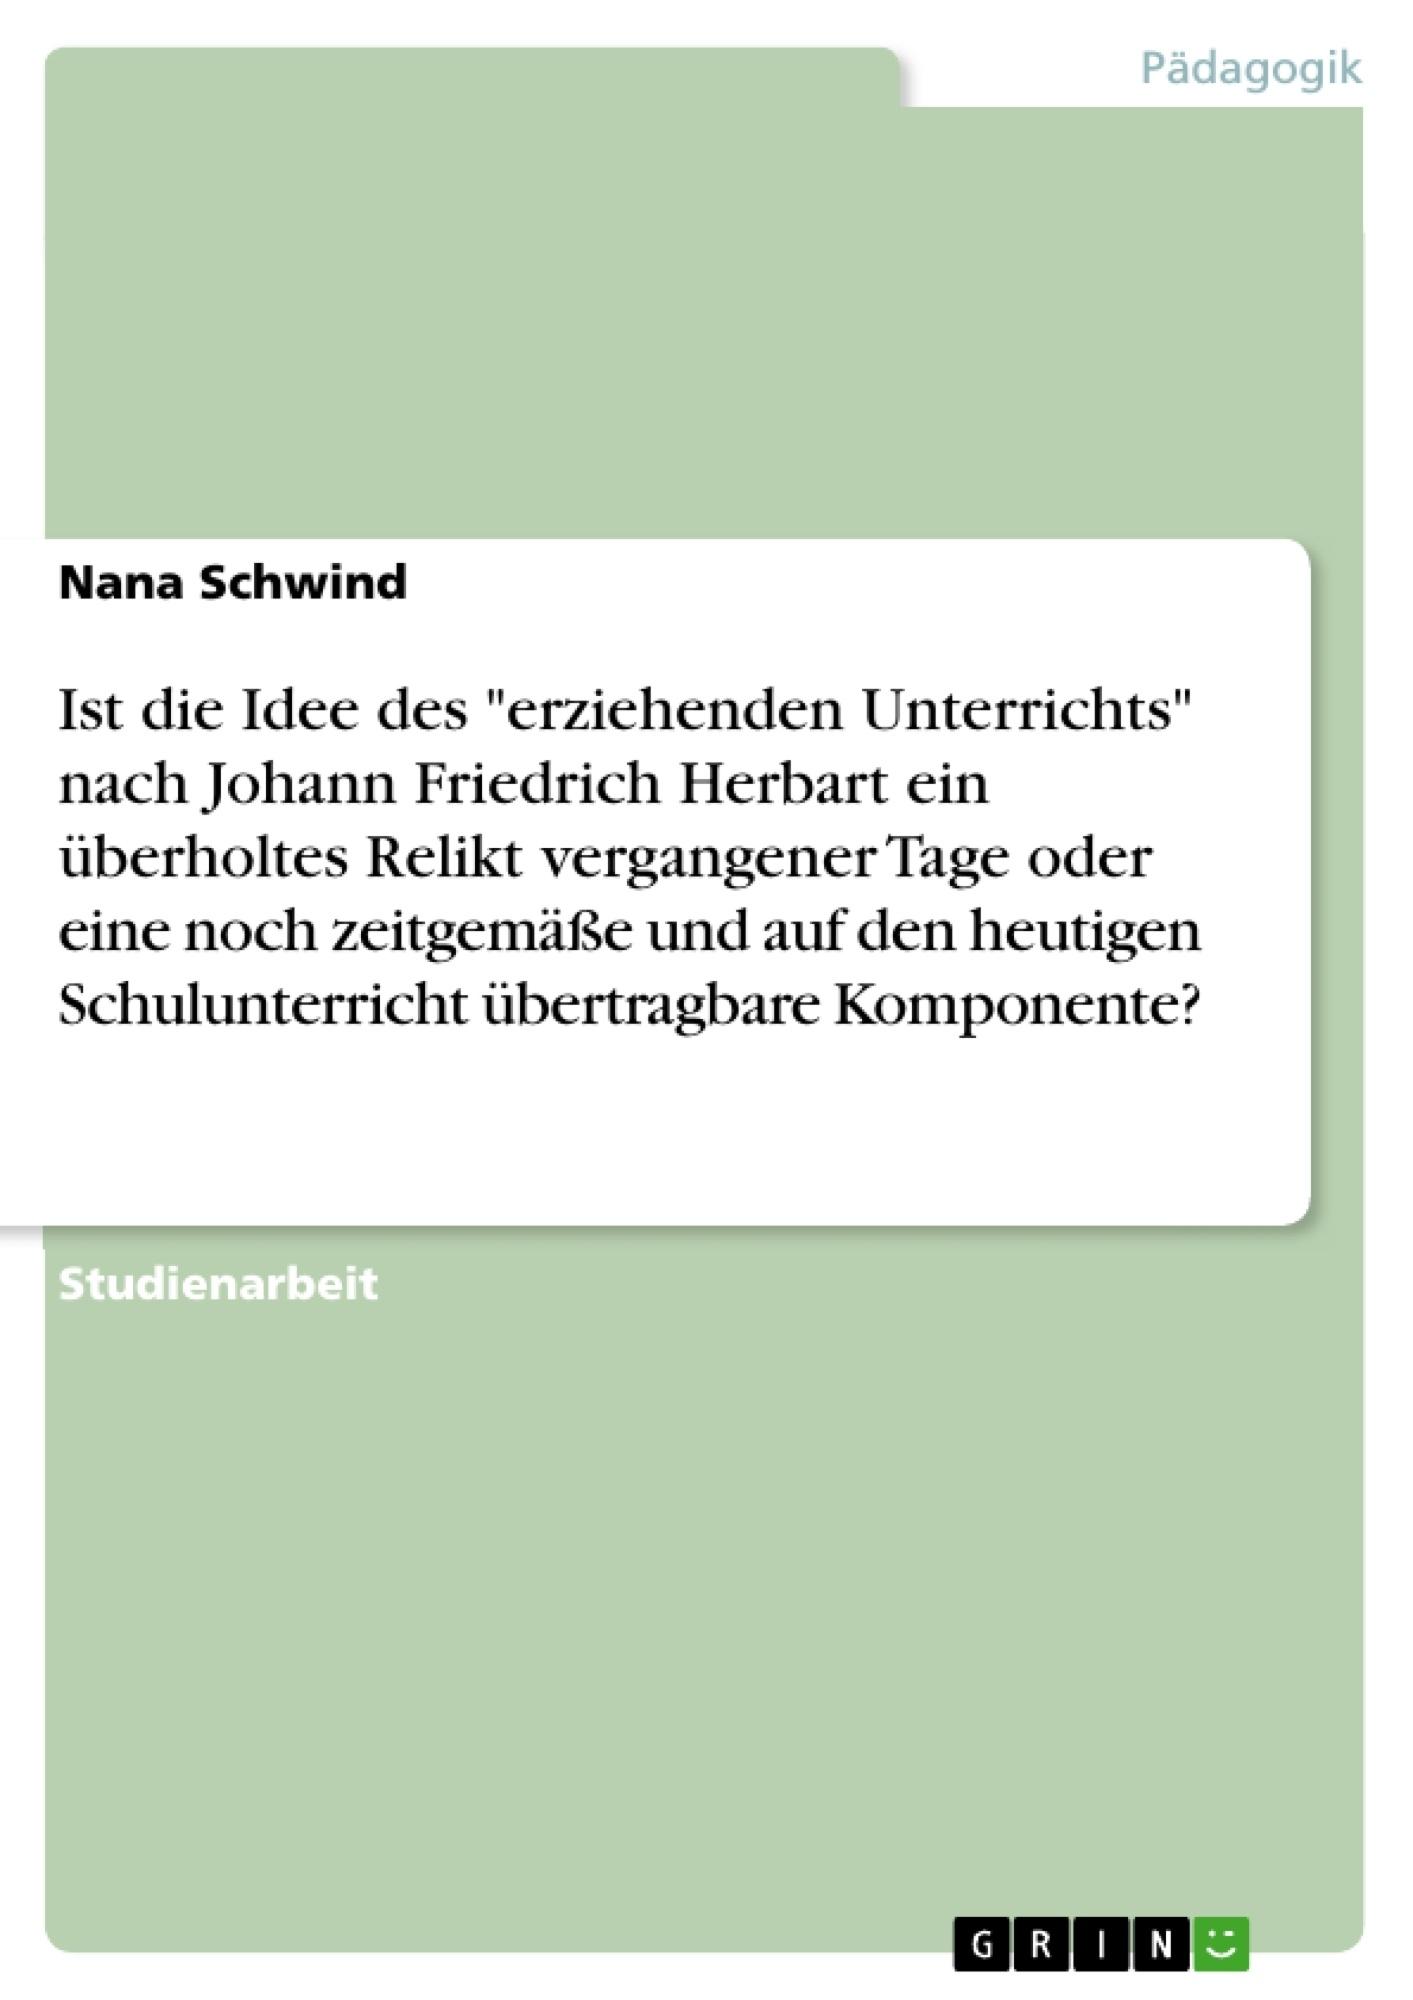 """Titel: Ist die Idee des """"erziehenden Unterrichts"""" nach Johann Friedrich Herbart ein überholtes Relikt vergangener Tage oder eine noch zeitgemäße und auf den heutigen Schulunterricht übertragbare Komponente?"""